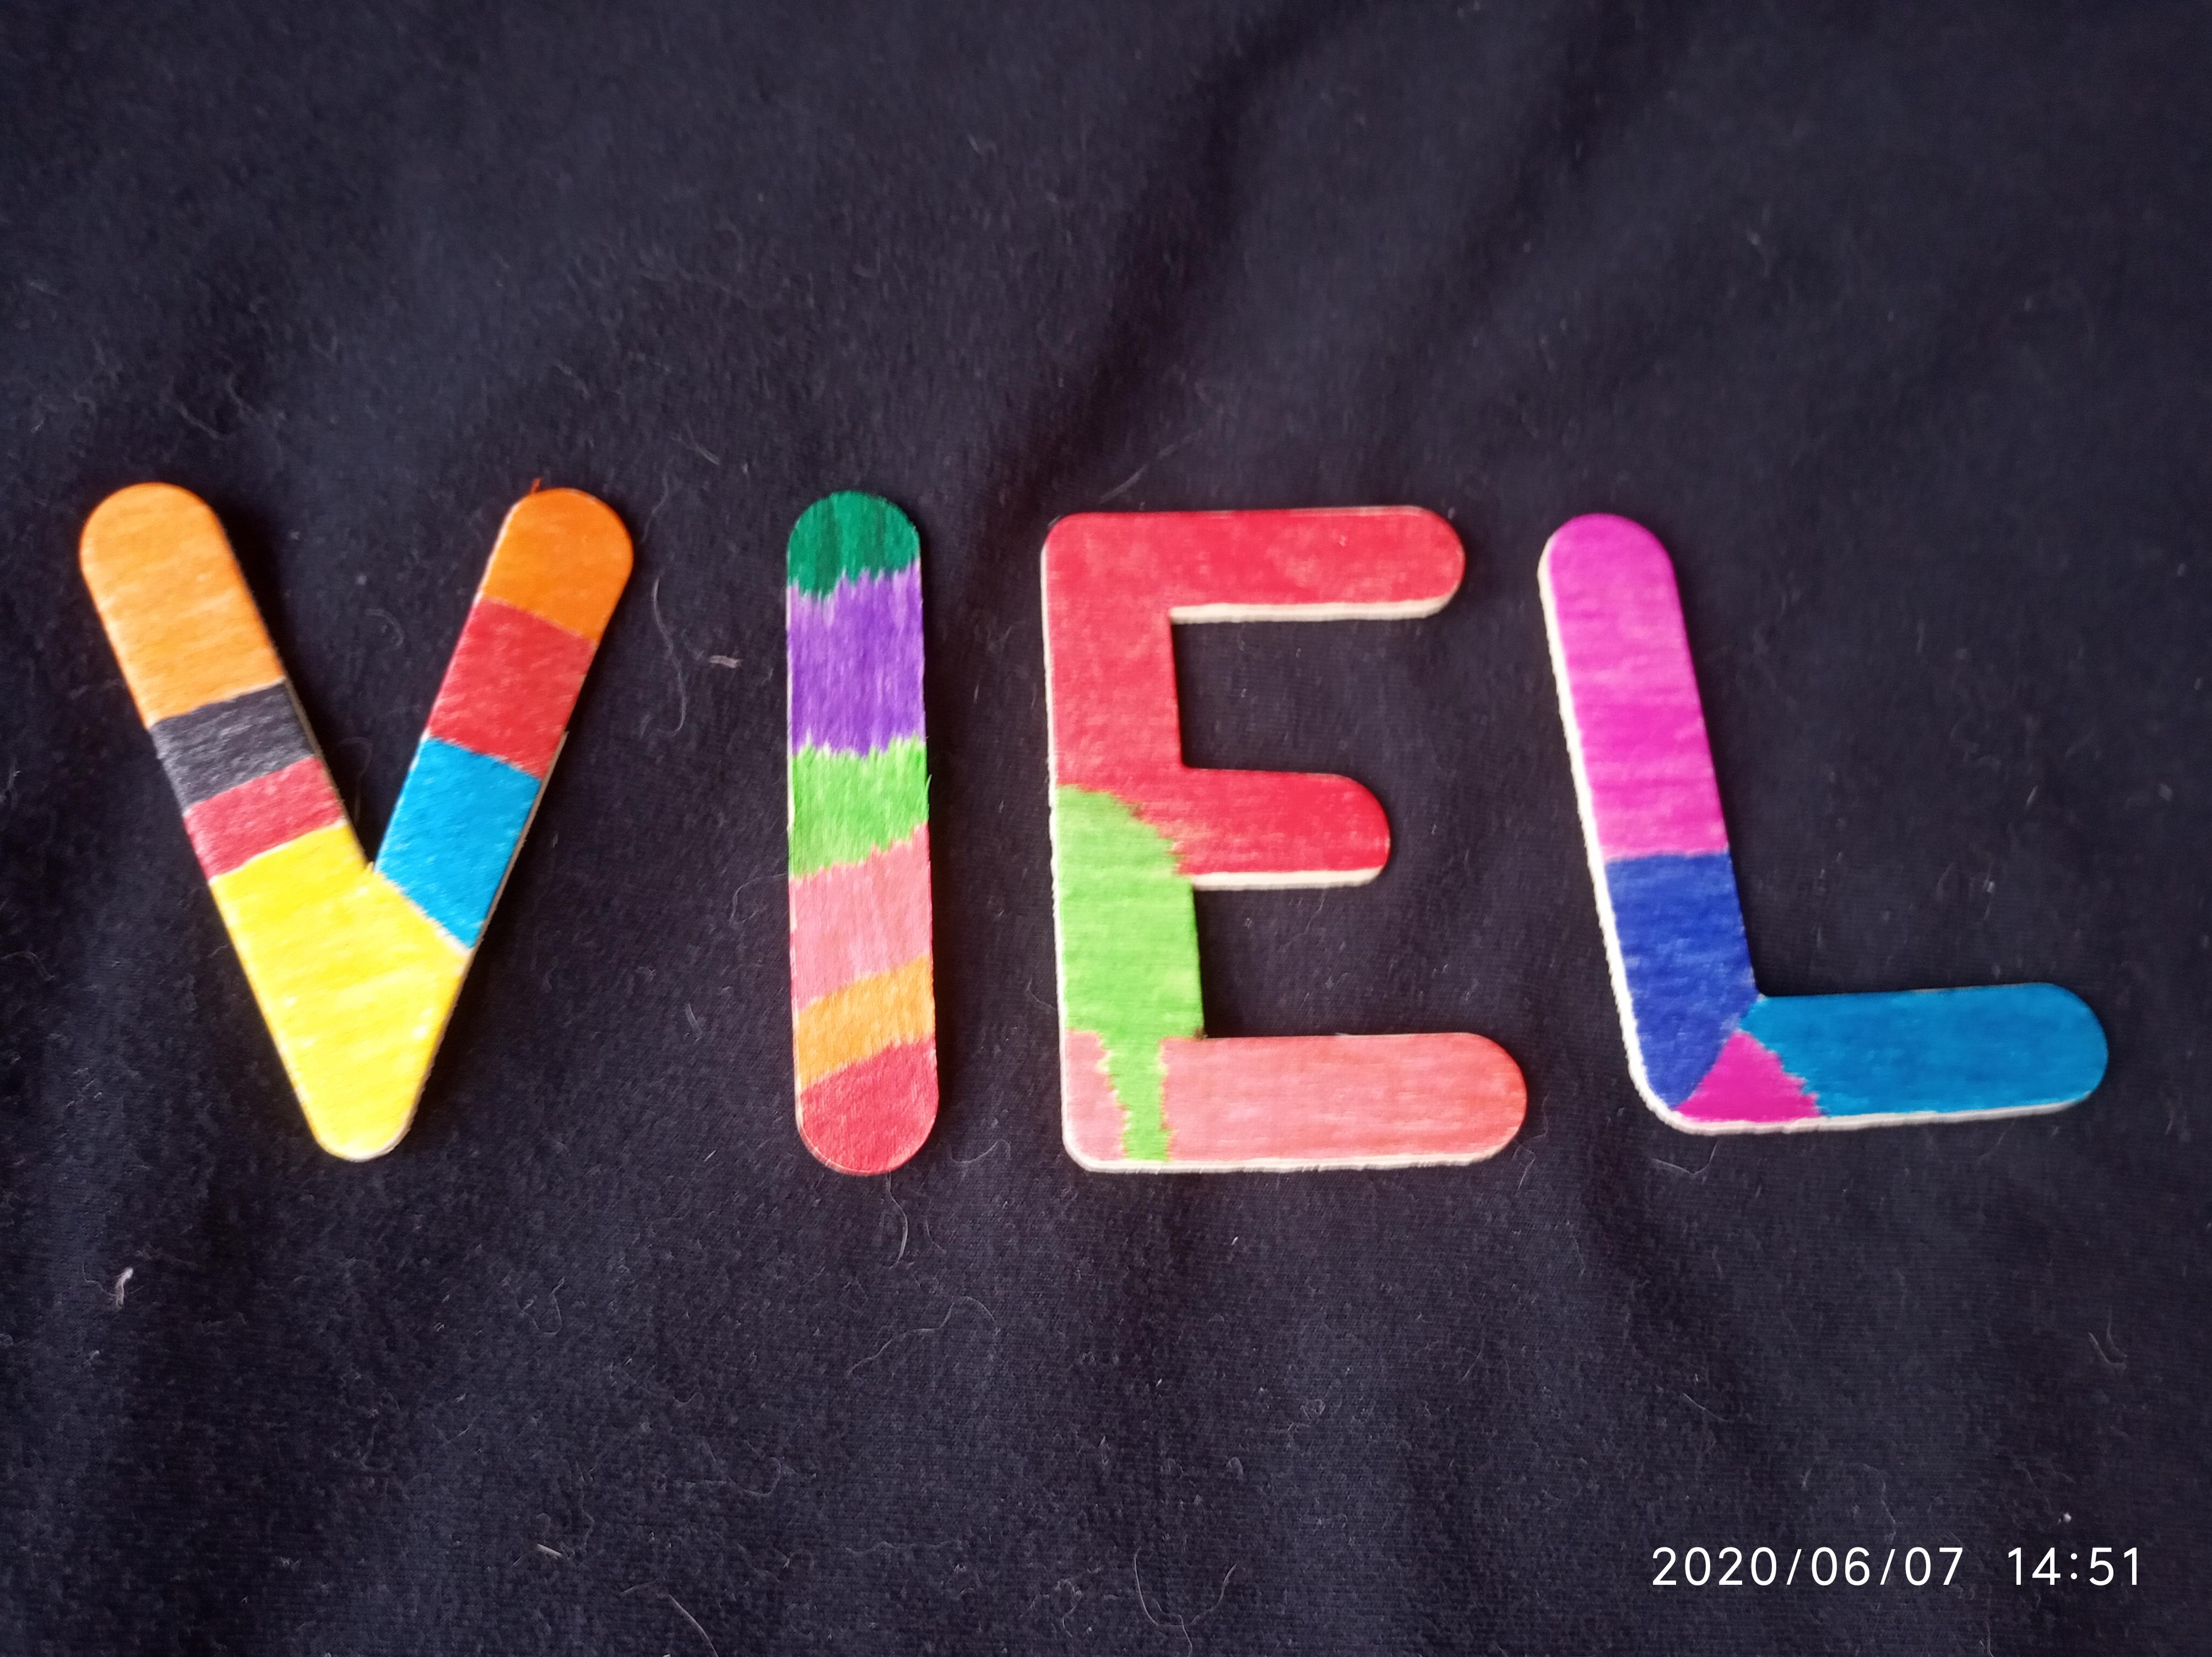 bel Hee ialr 2020/06/07 14:51